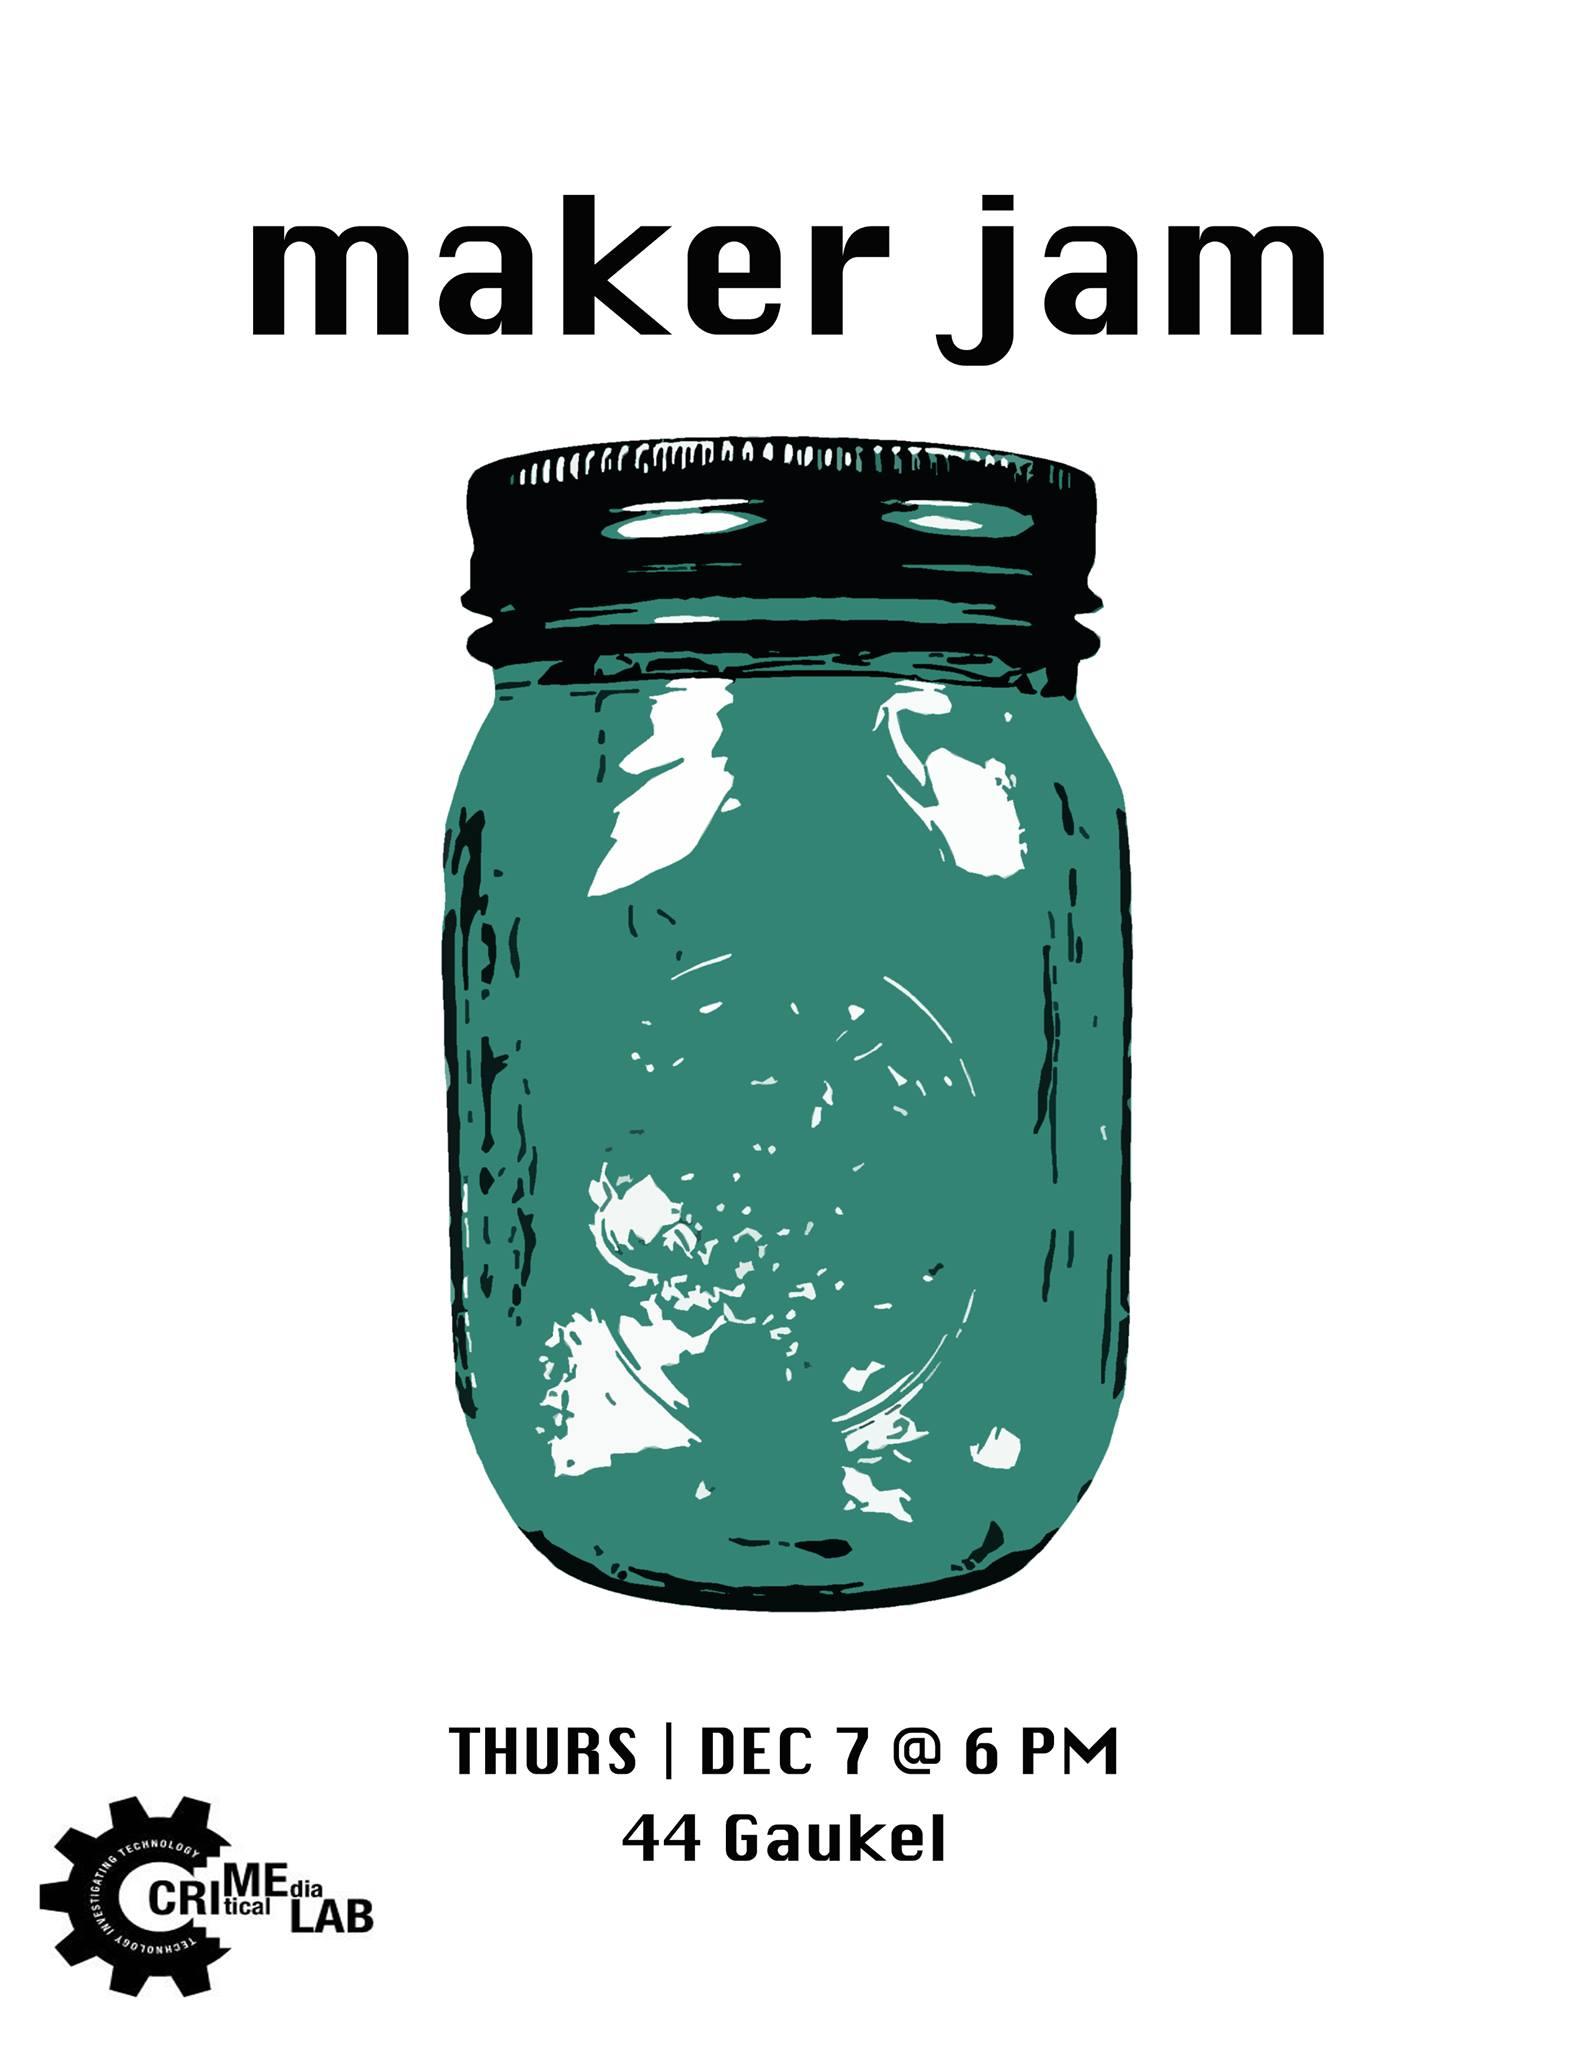 Maker jam poster